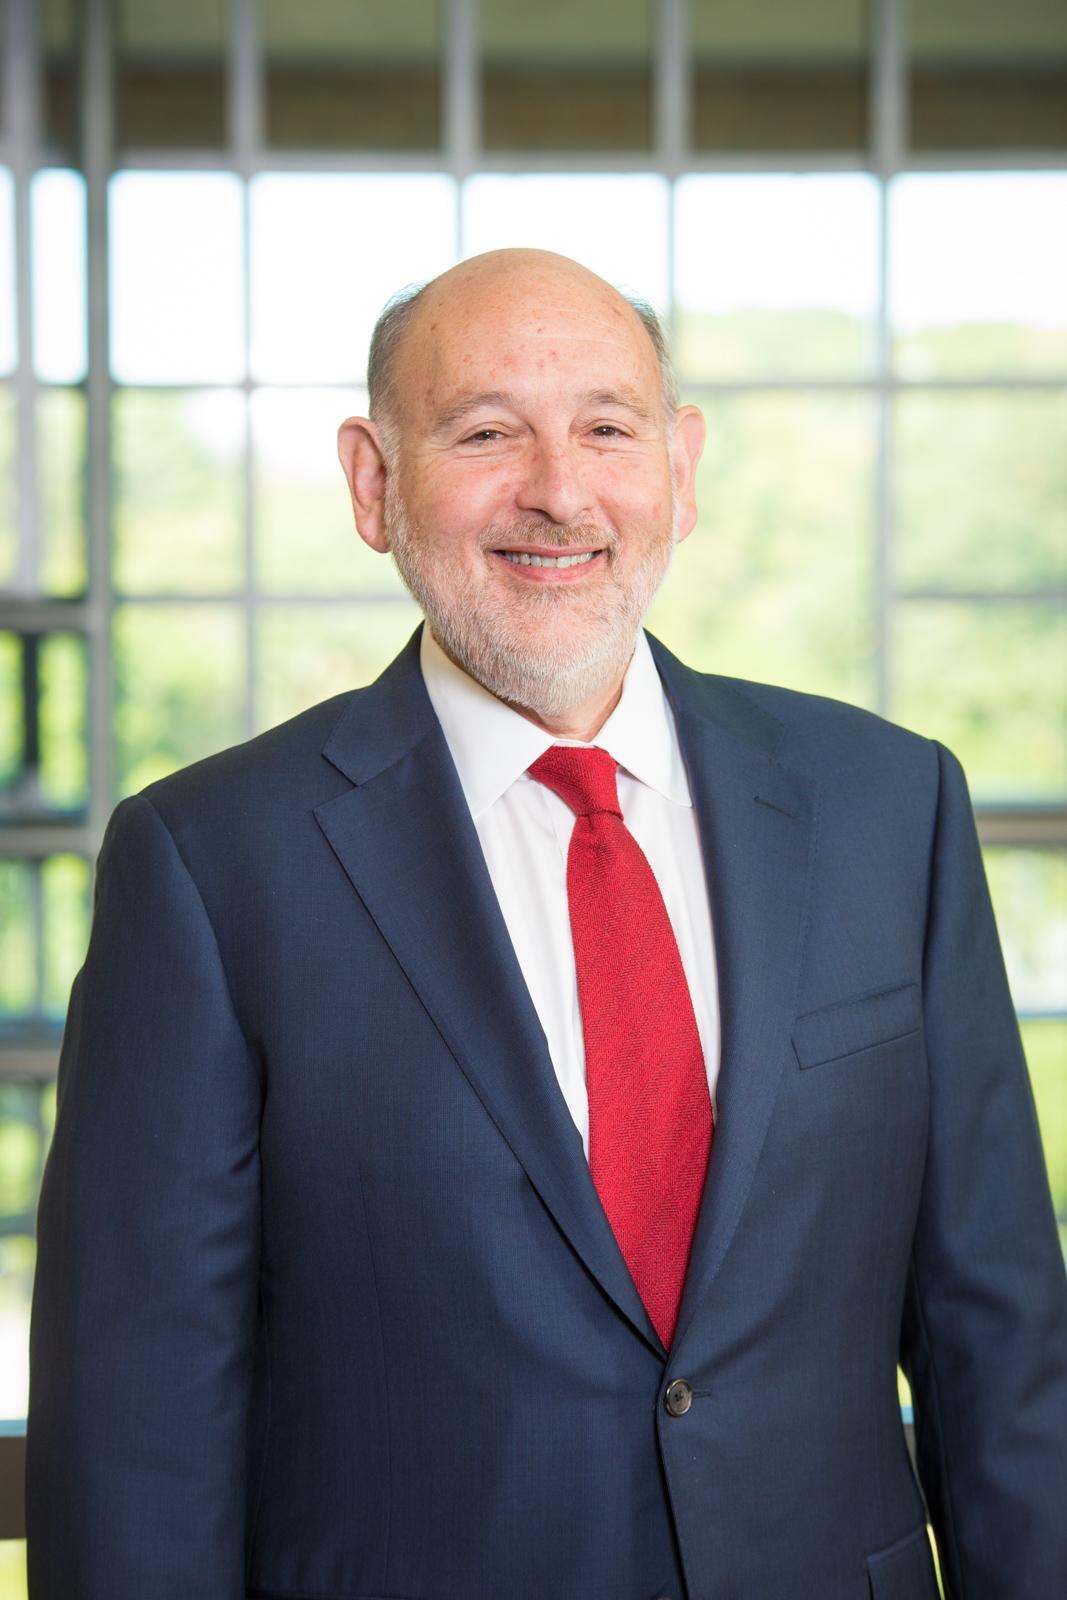 Dr. James M. Greenblatt, MD